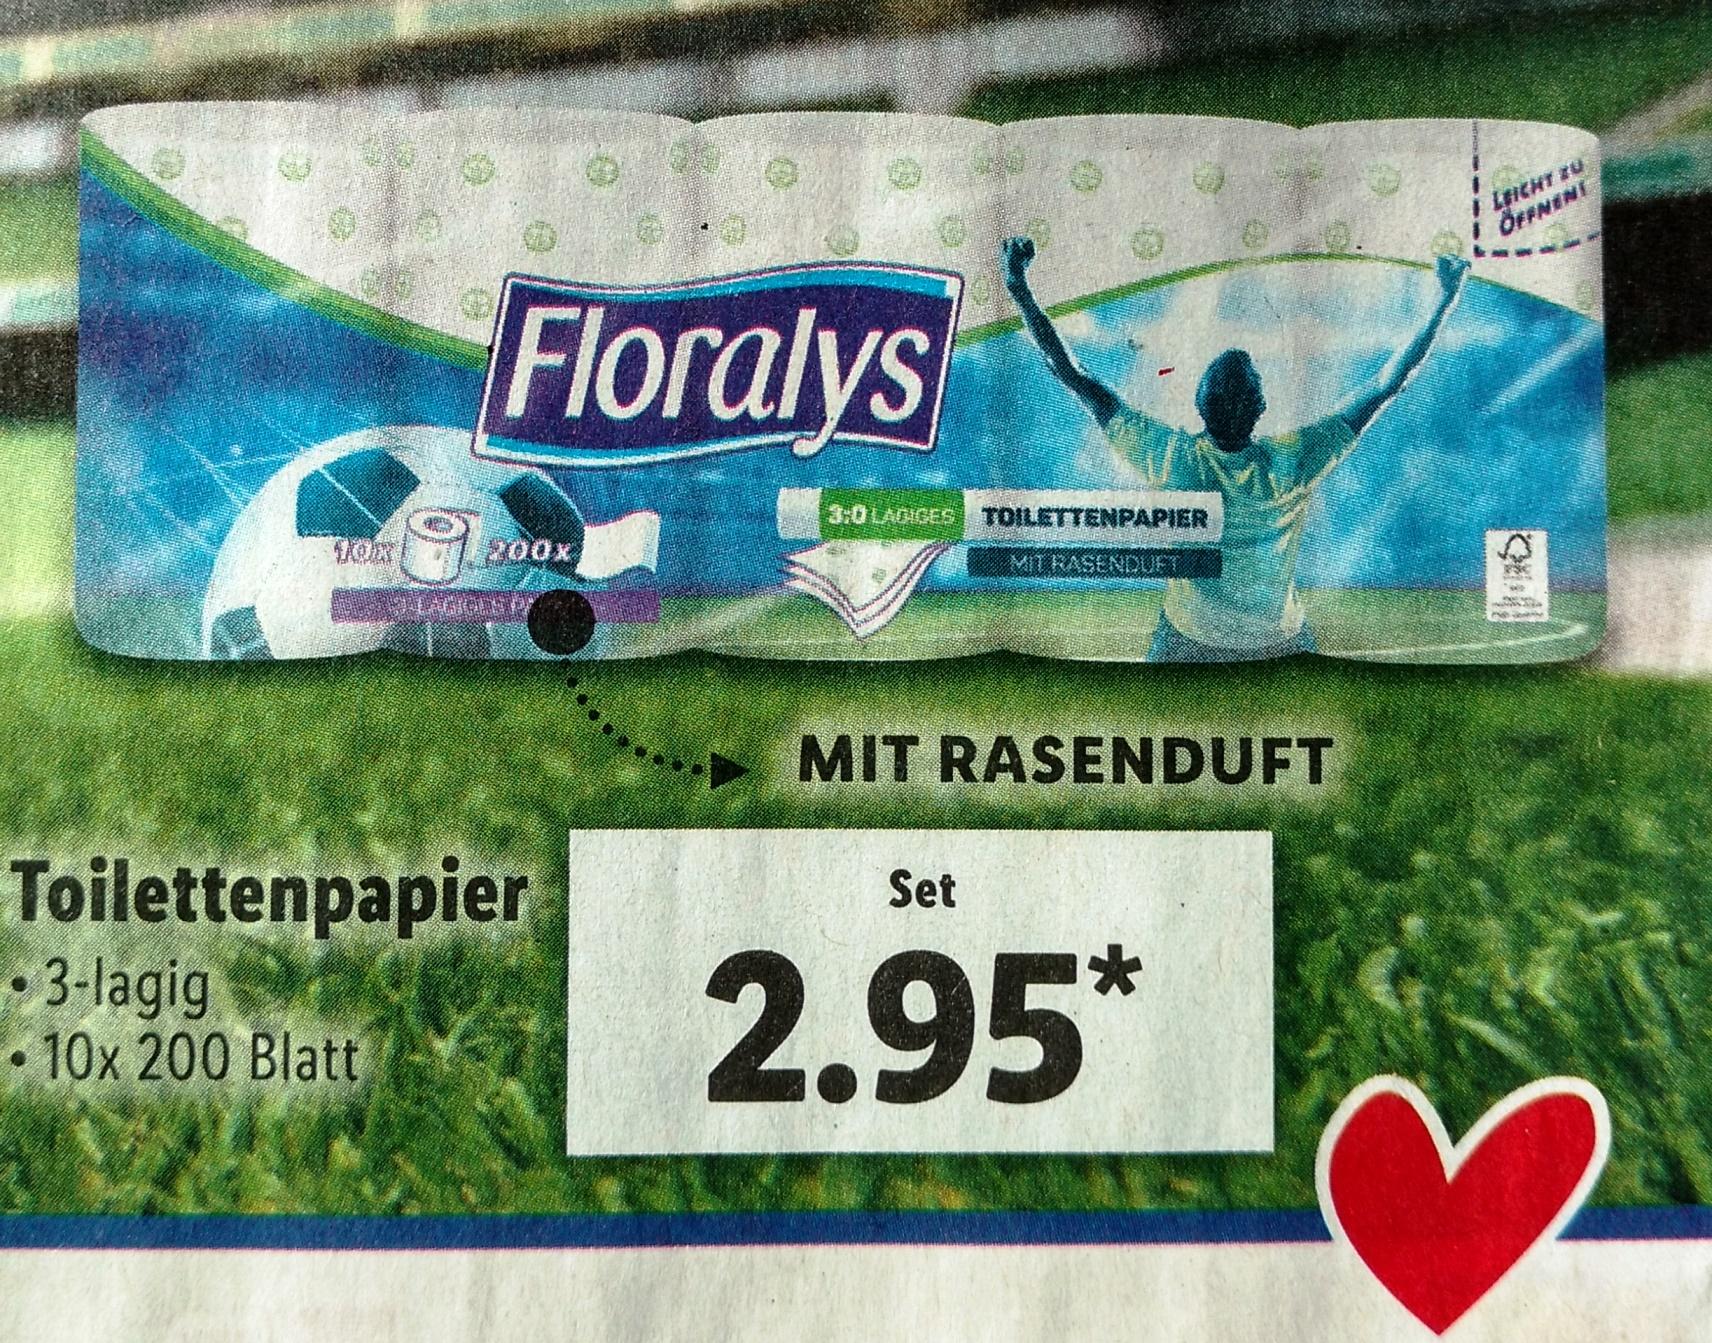 [Lidl] Toilettenpapier für den echten WM-Fan: mit RASENDUFT - näher am Rasen geht nicht!